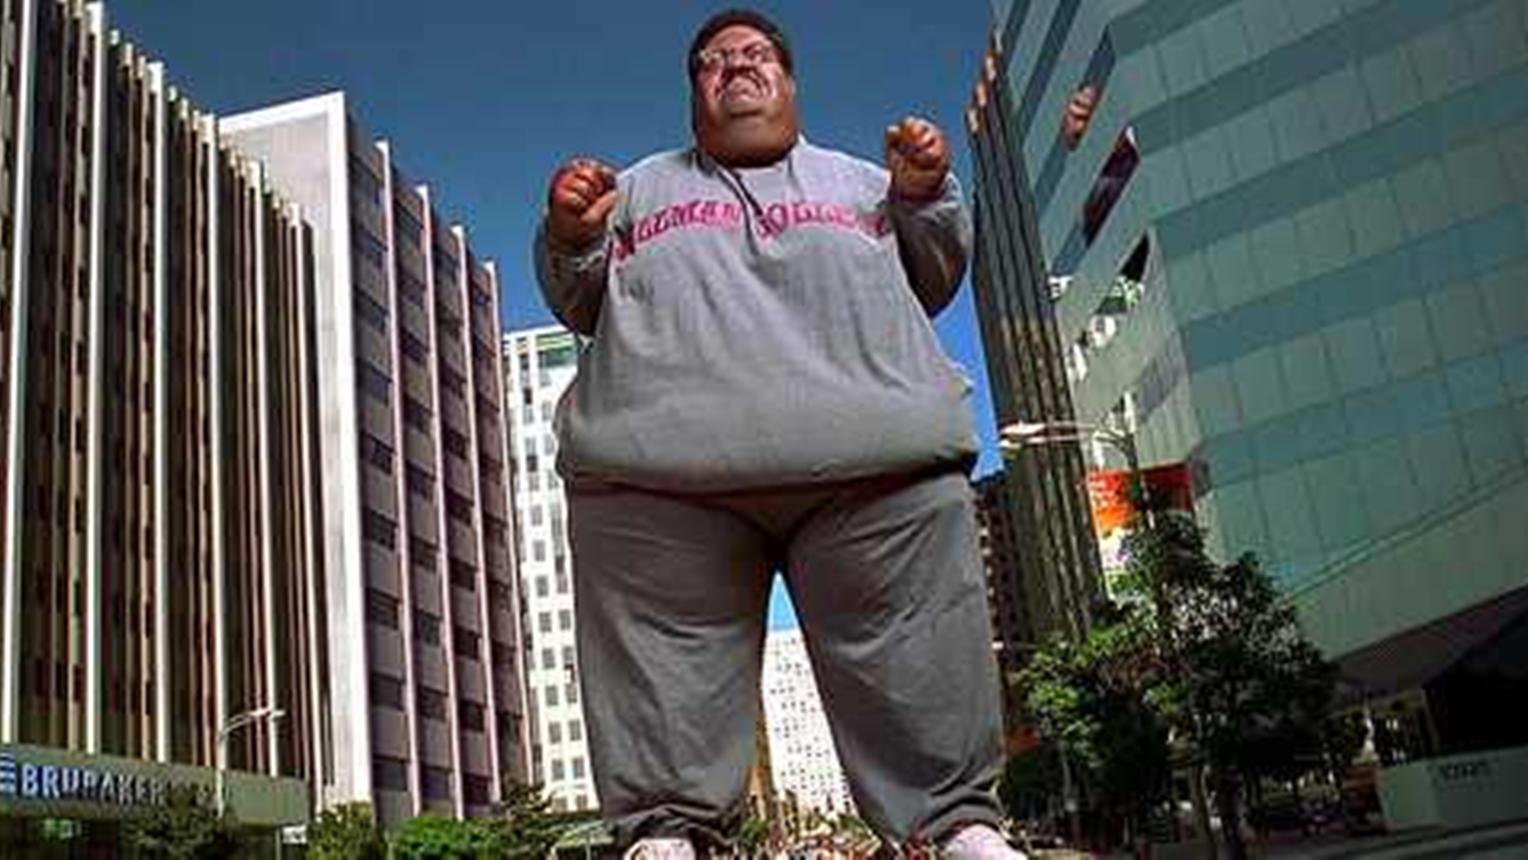 #经典看电影#10层楼高的巨人,放个屁如同八级台风,瞬间摧毁一座城市